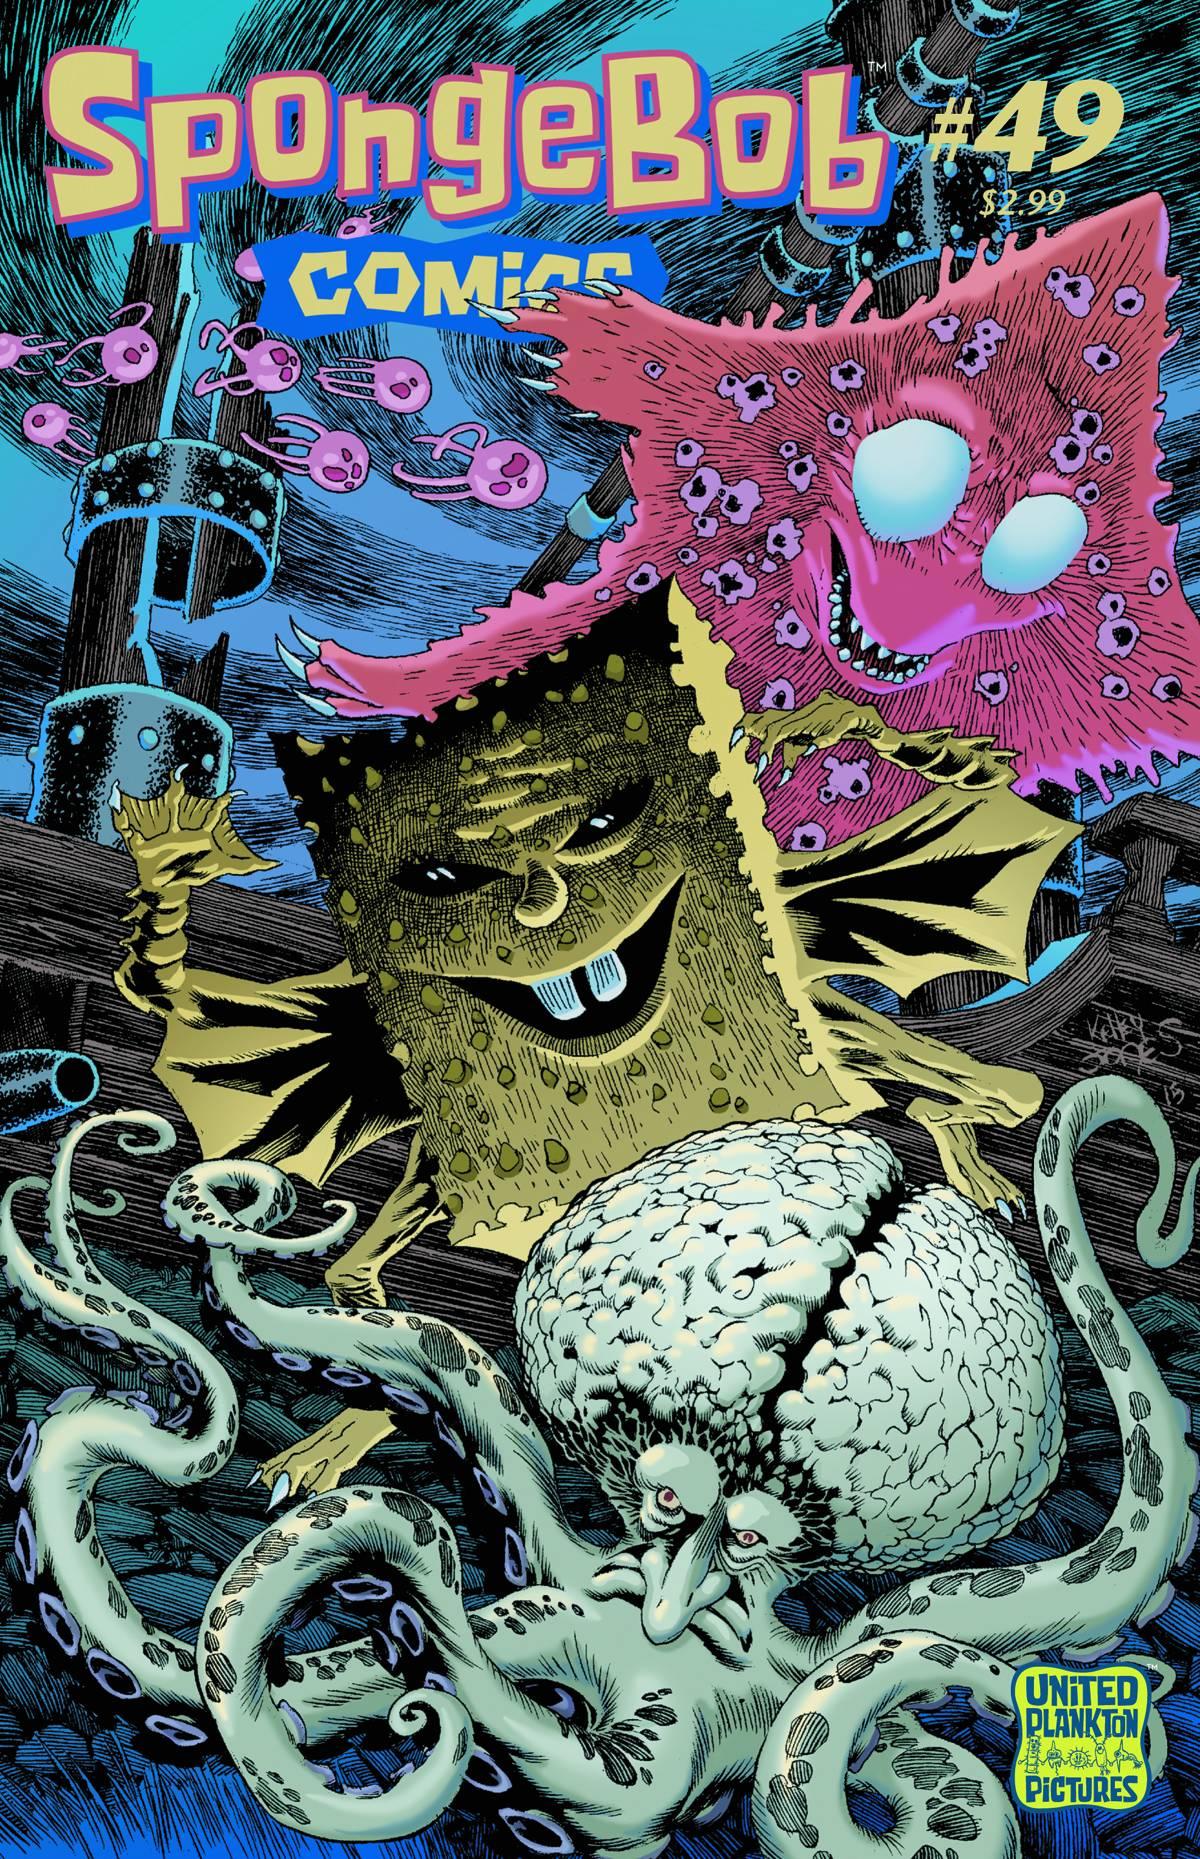 SpongeBob49-Comics